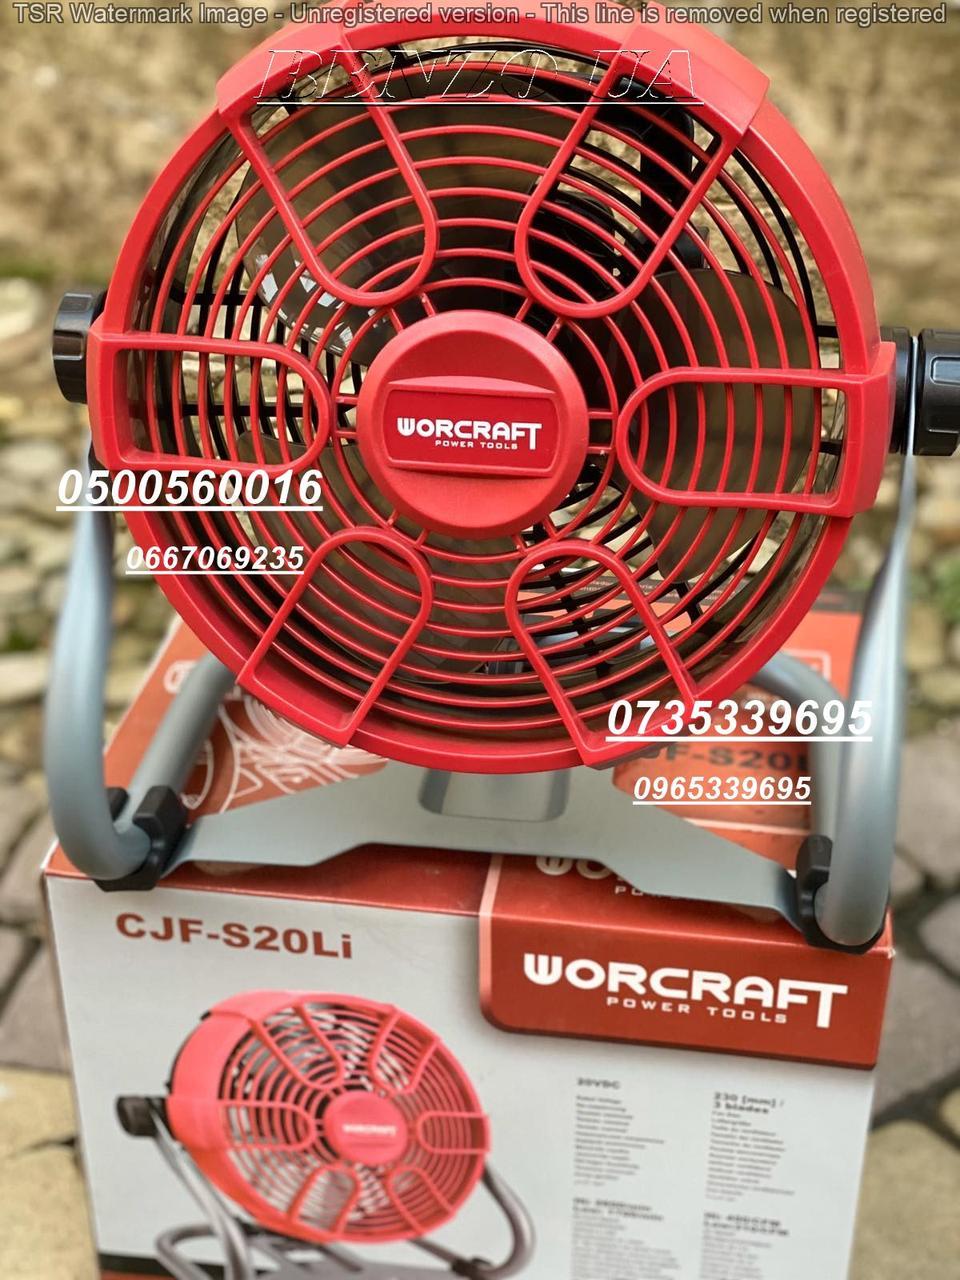 Рабочий вентилятор аккумуляторный Worcraft CJF-S20Li.Цена без Аккамулятора.